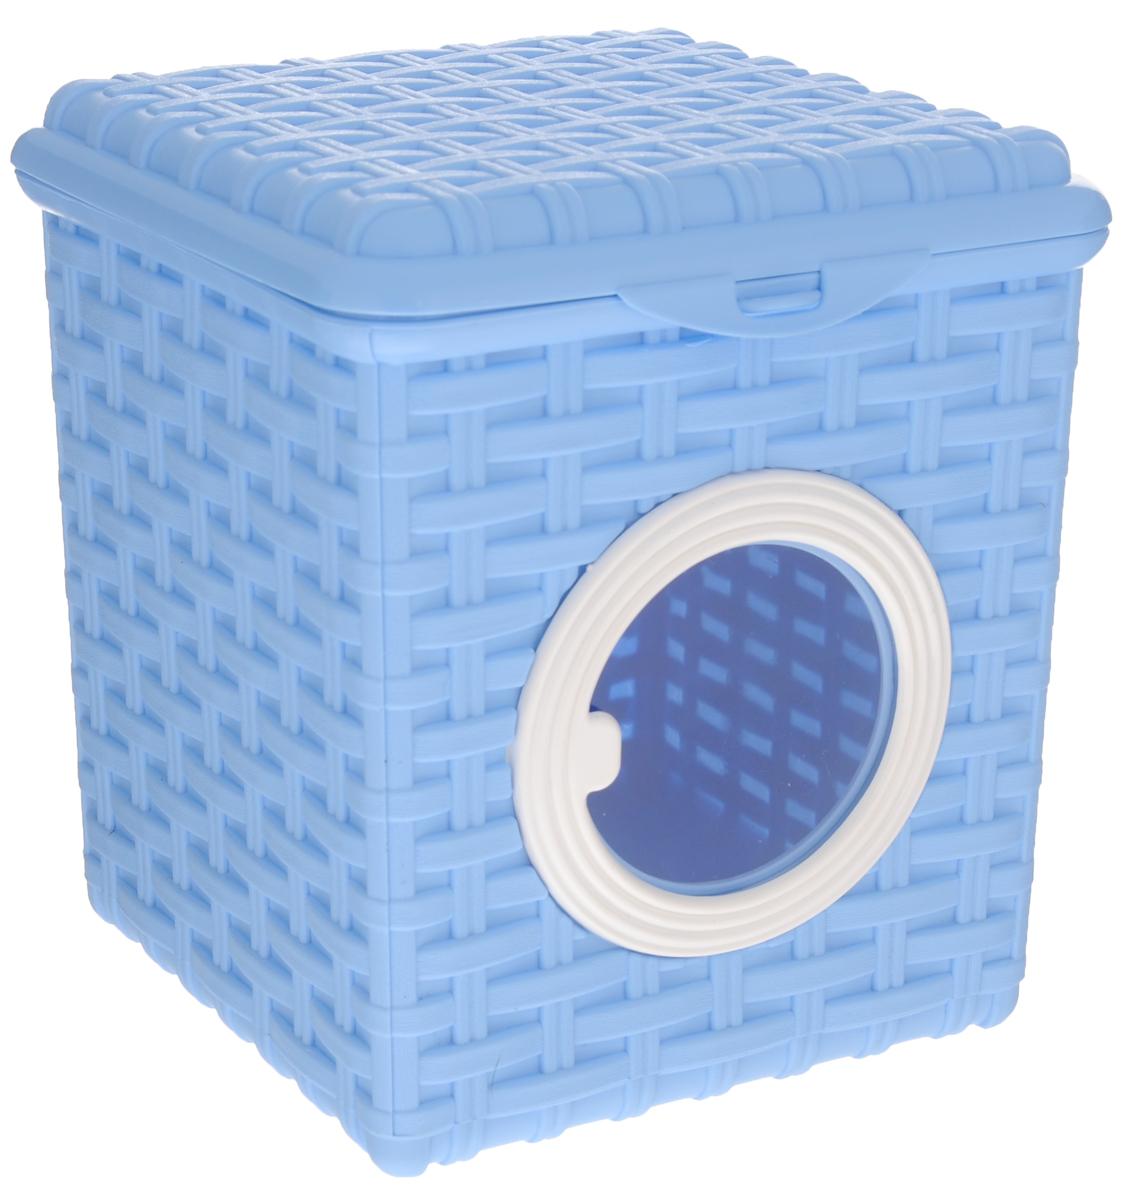 Контейнер для мелочей Violet, цвет: голубой, 18 см х 18,5 см х 14,5 см2003/3Контейнер Violet изготовлен из прочного пластика и оформлен плетением под корзинку. Контейнер имеет прозрачное пластиковое окошко и откидную крышку, которая закрывается на защелку. Контейнер Violet идеально подойдет для хранения различных мелочей.Объем: 3 л.